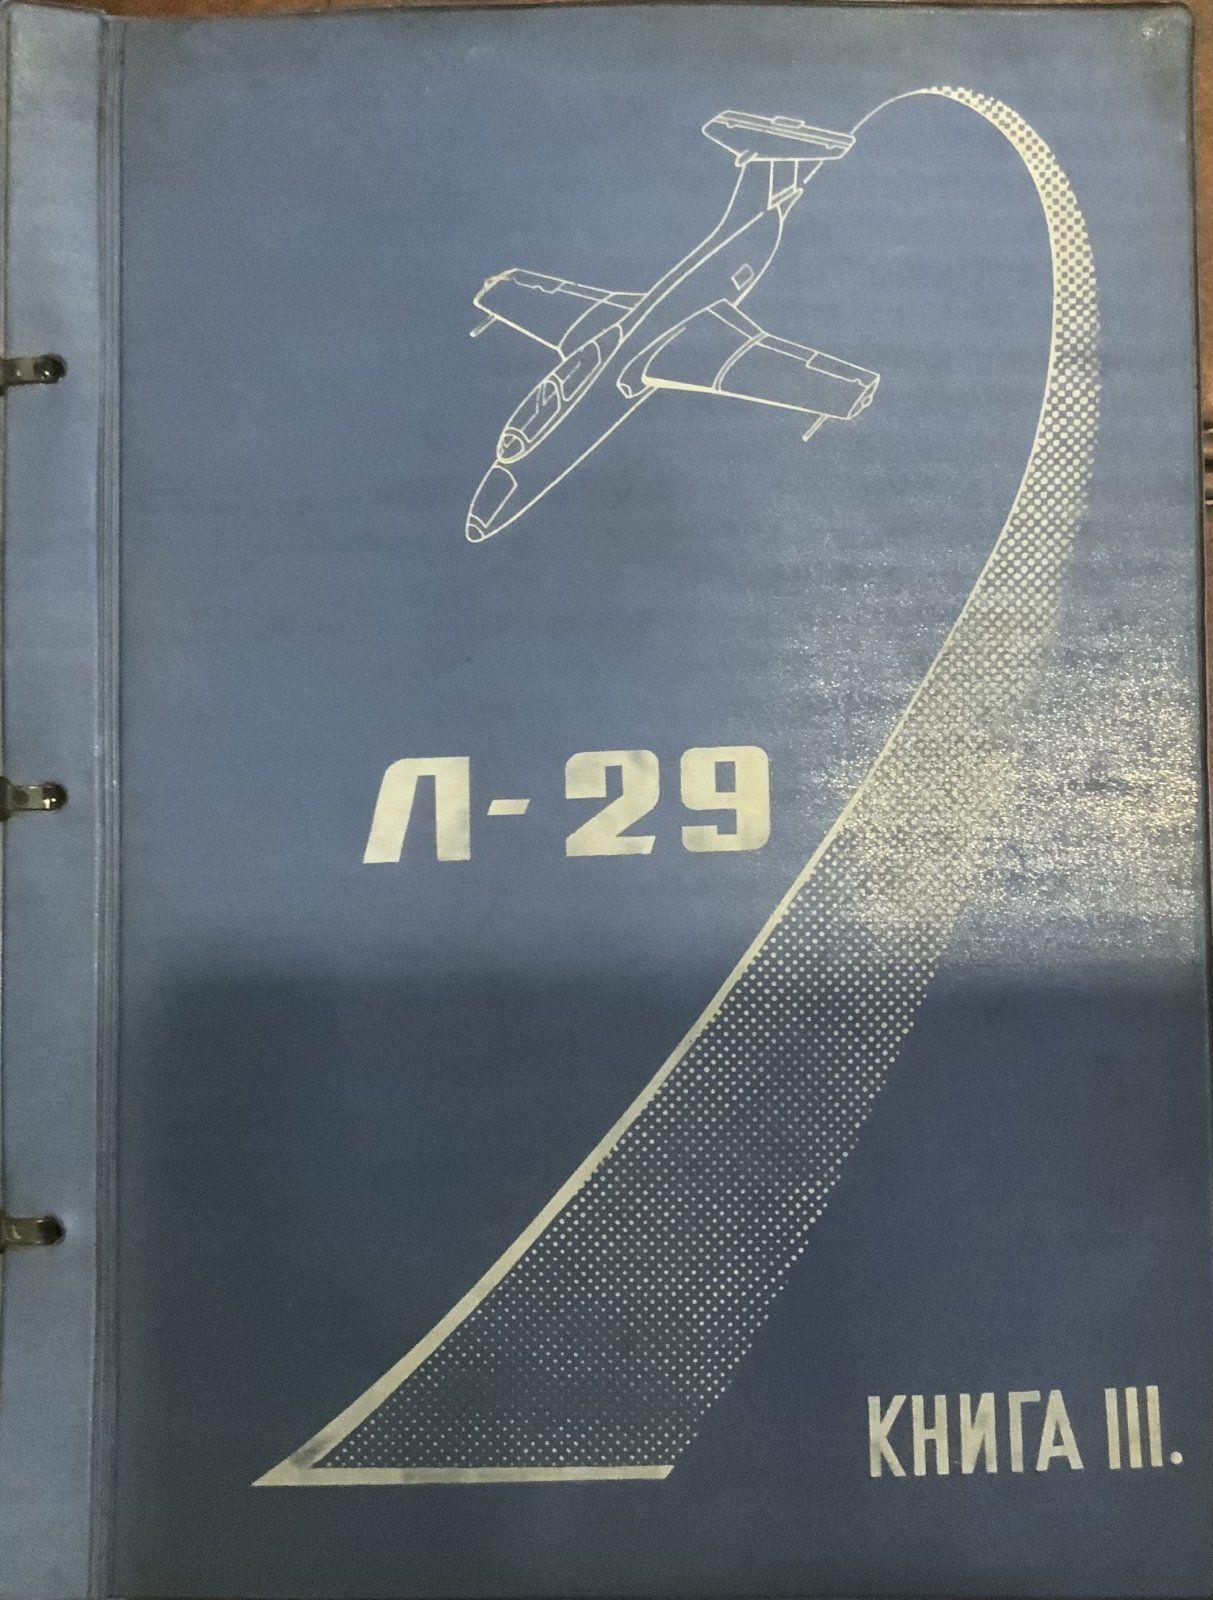 80647CC6-96DD-4A8F-89EE-EEE18E54BC5B.jpeg